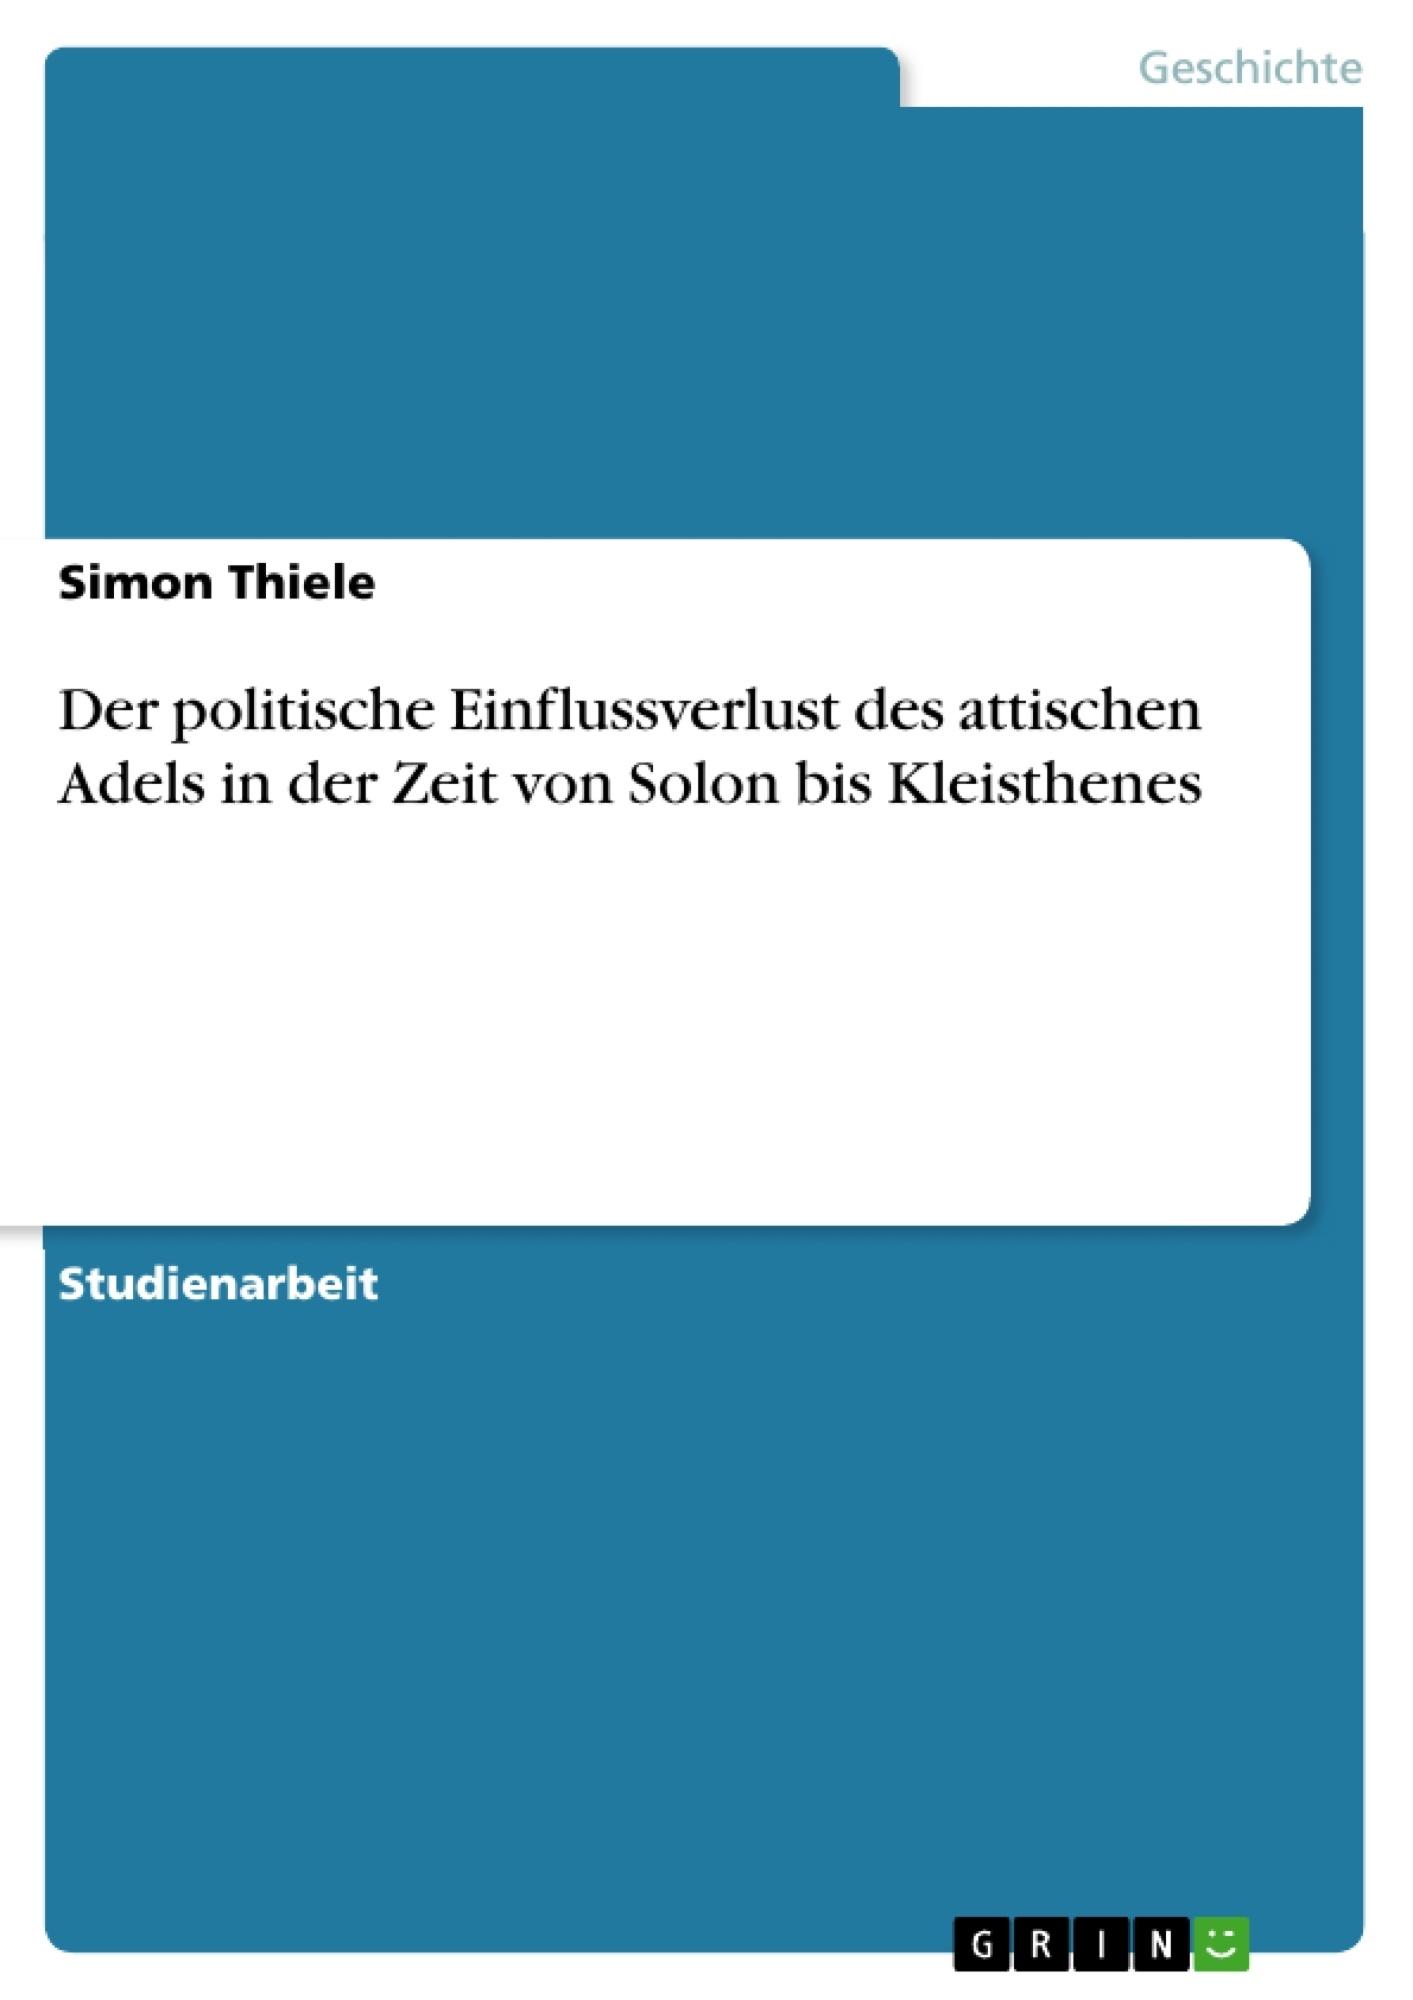 Titel: Der politische Einflussverlust des attischen Adels in der Zeit von Solon bis Kleisthenes